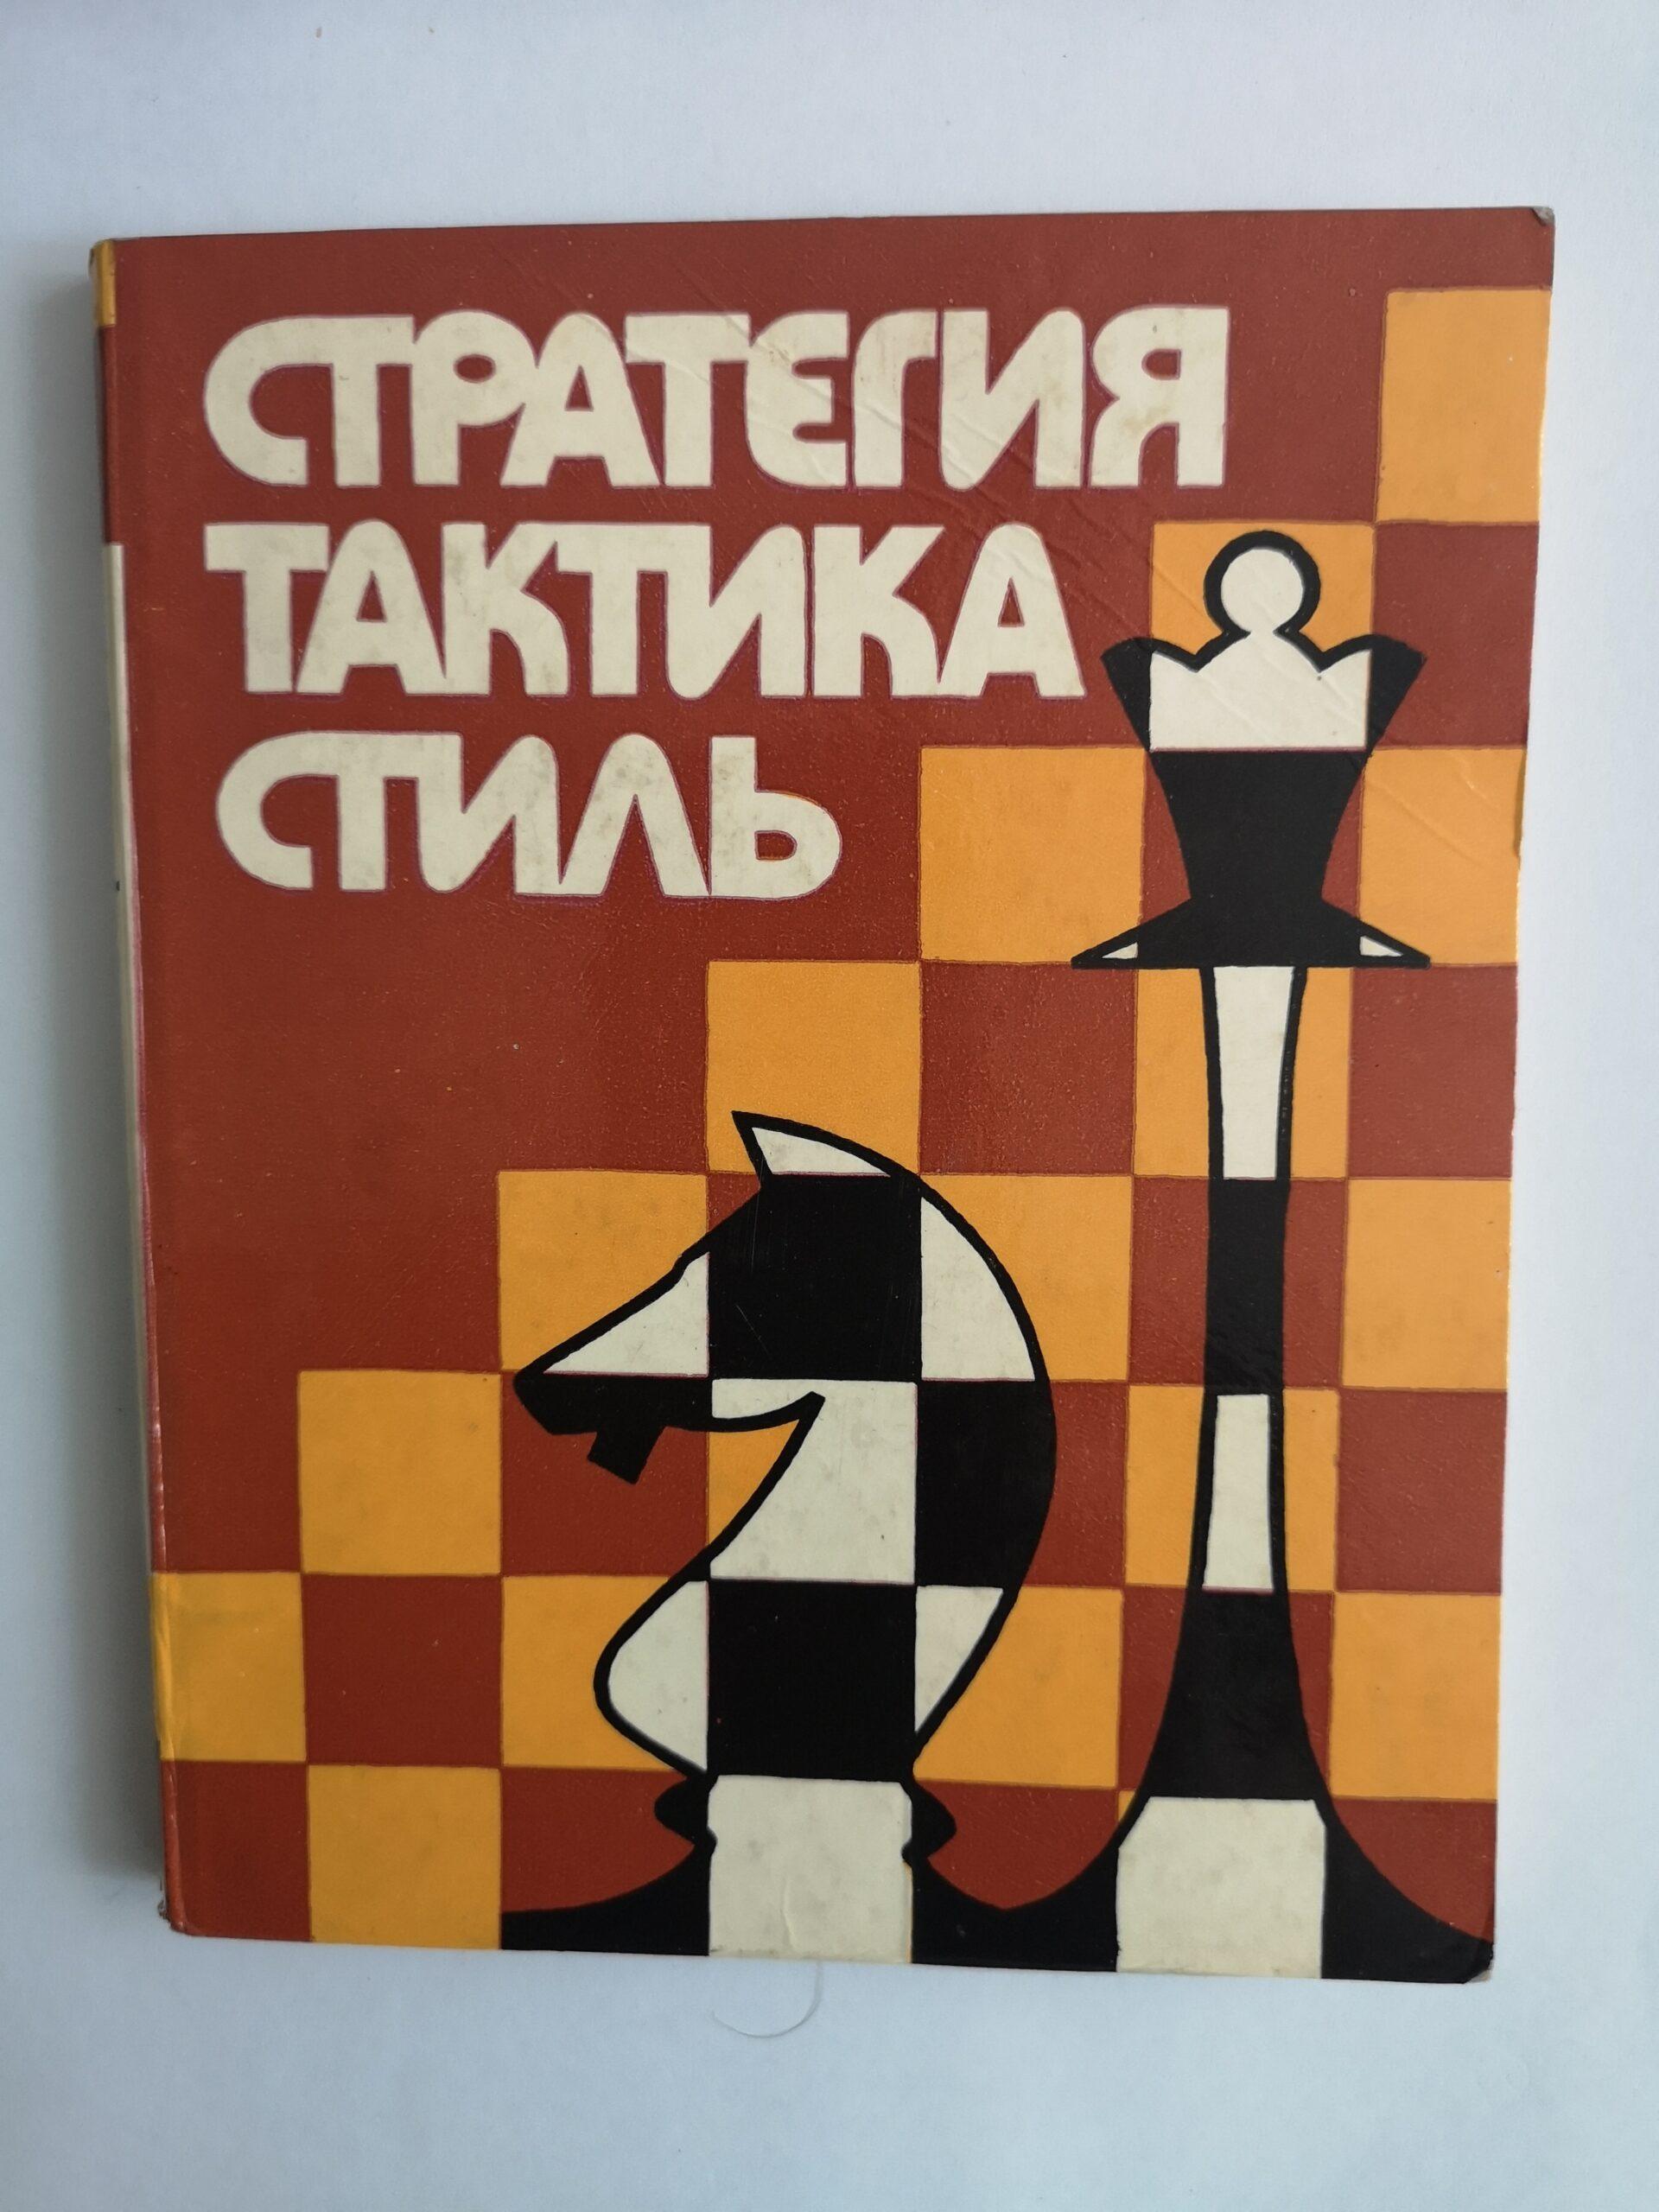 266# Strategia, taktyka, styl. Twórczość białoruskich szachistów (L.Bondar)